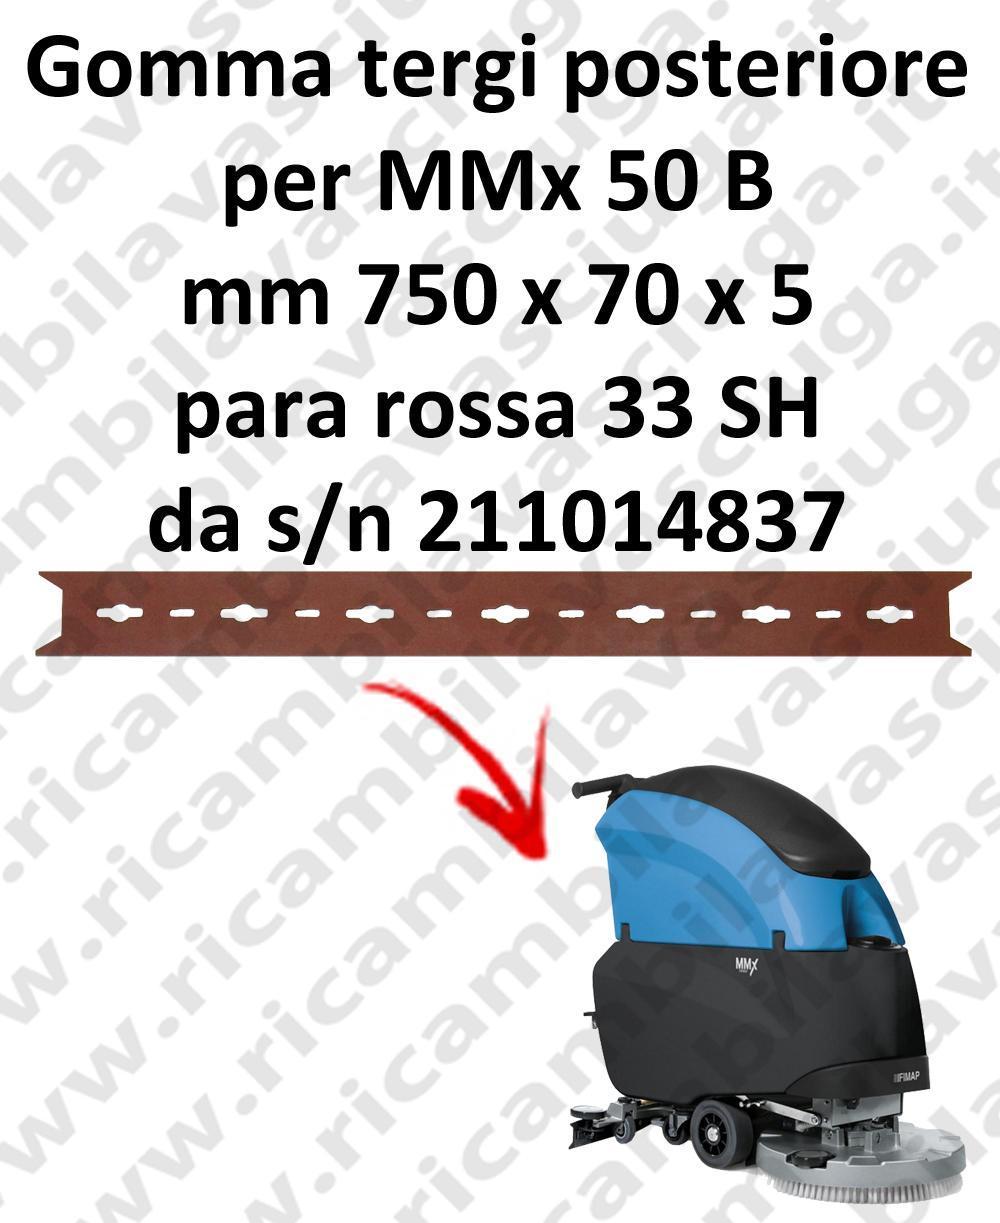 MMx 50 B goma de secado trasero para FIMAP  repuestos fregadoras squeegee